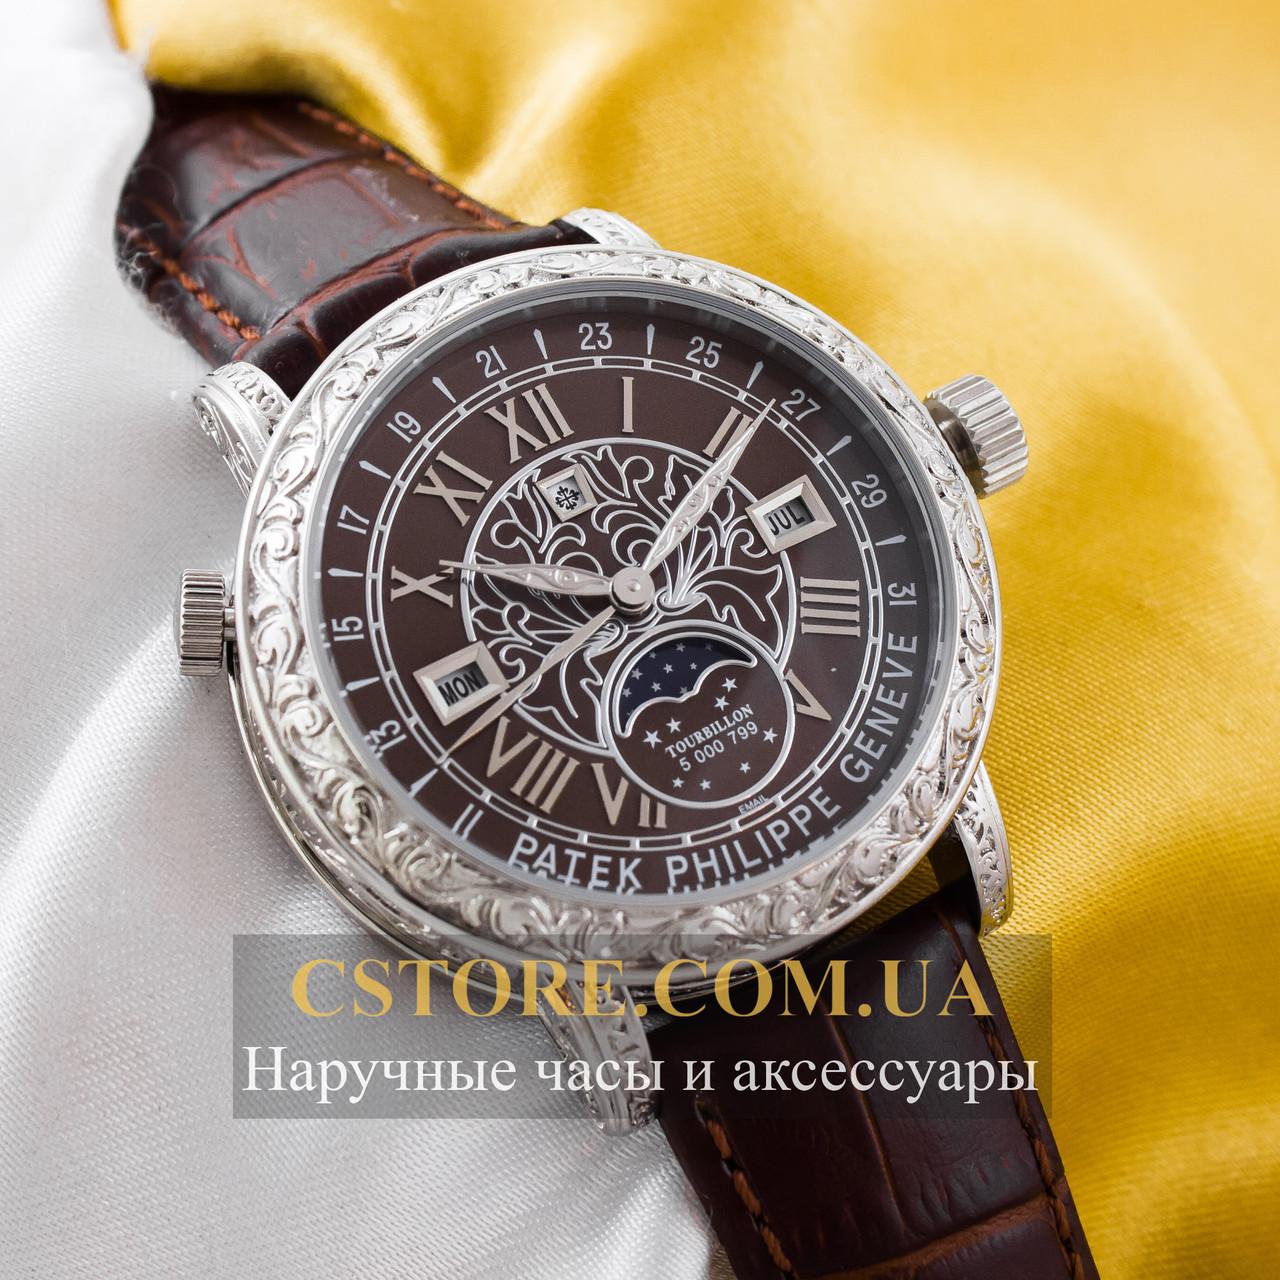 Мужские наручные кварцевые часы Patek Philippe sky moon silver brown  (05903) - megastore. bddcb1fc181